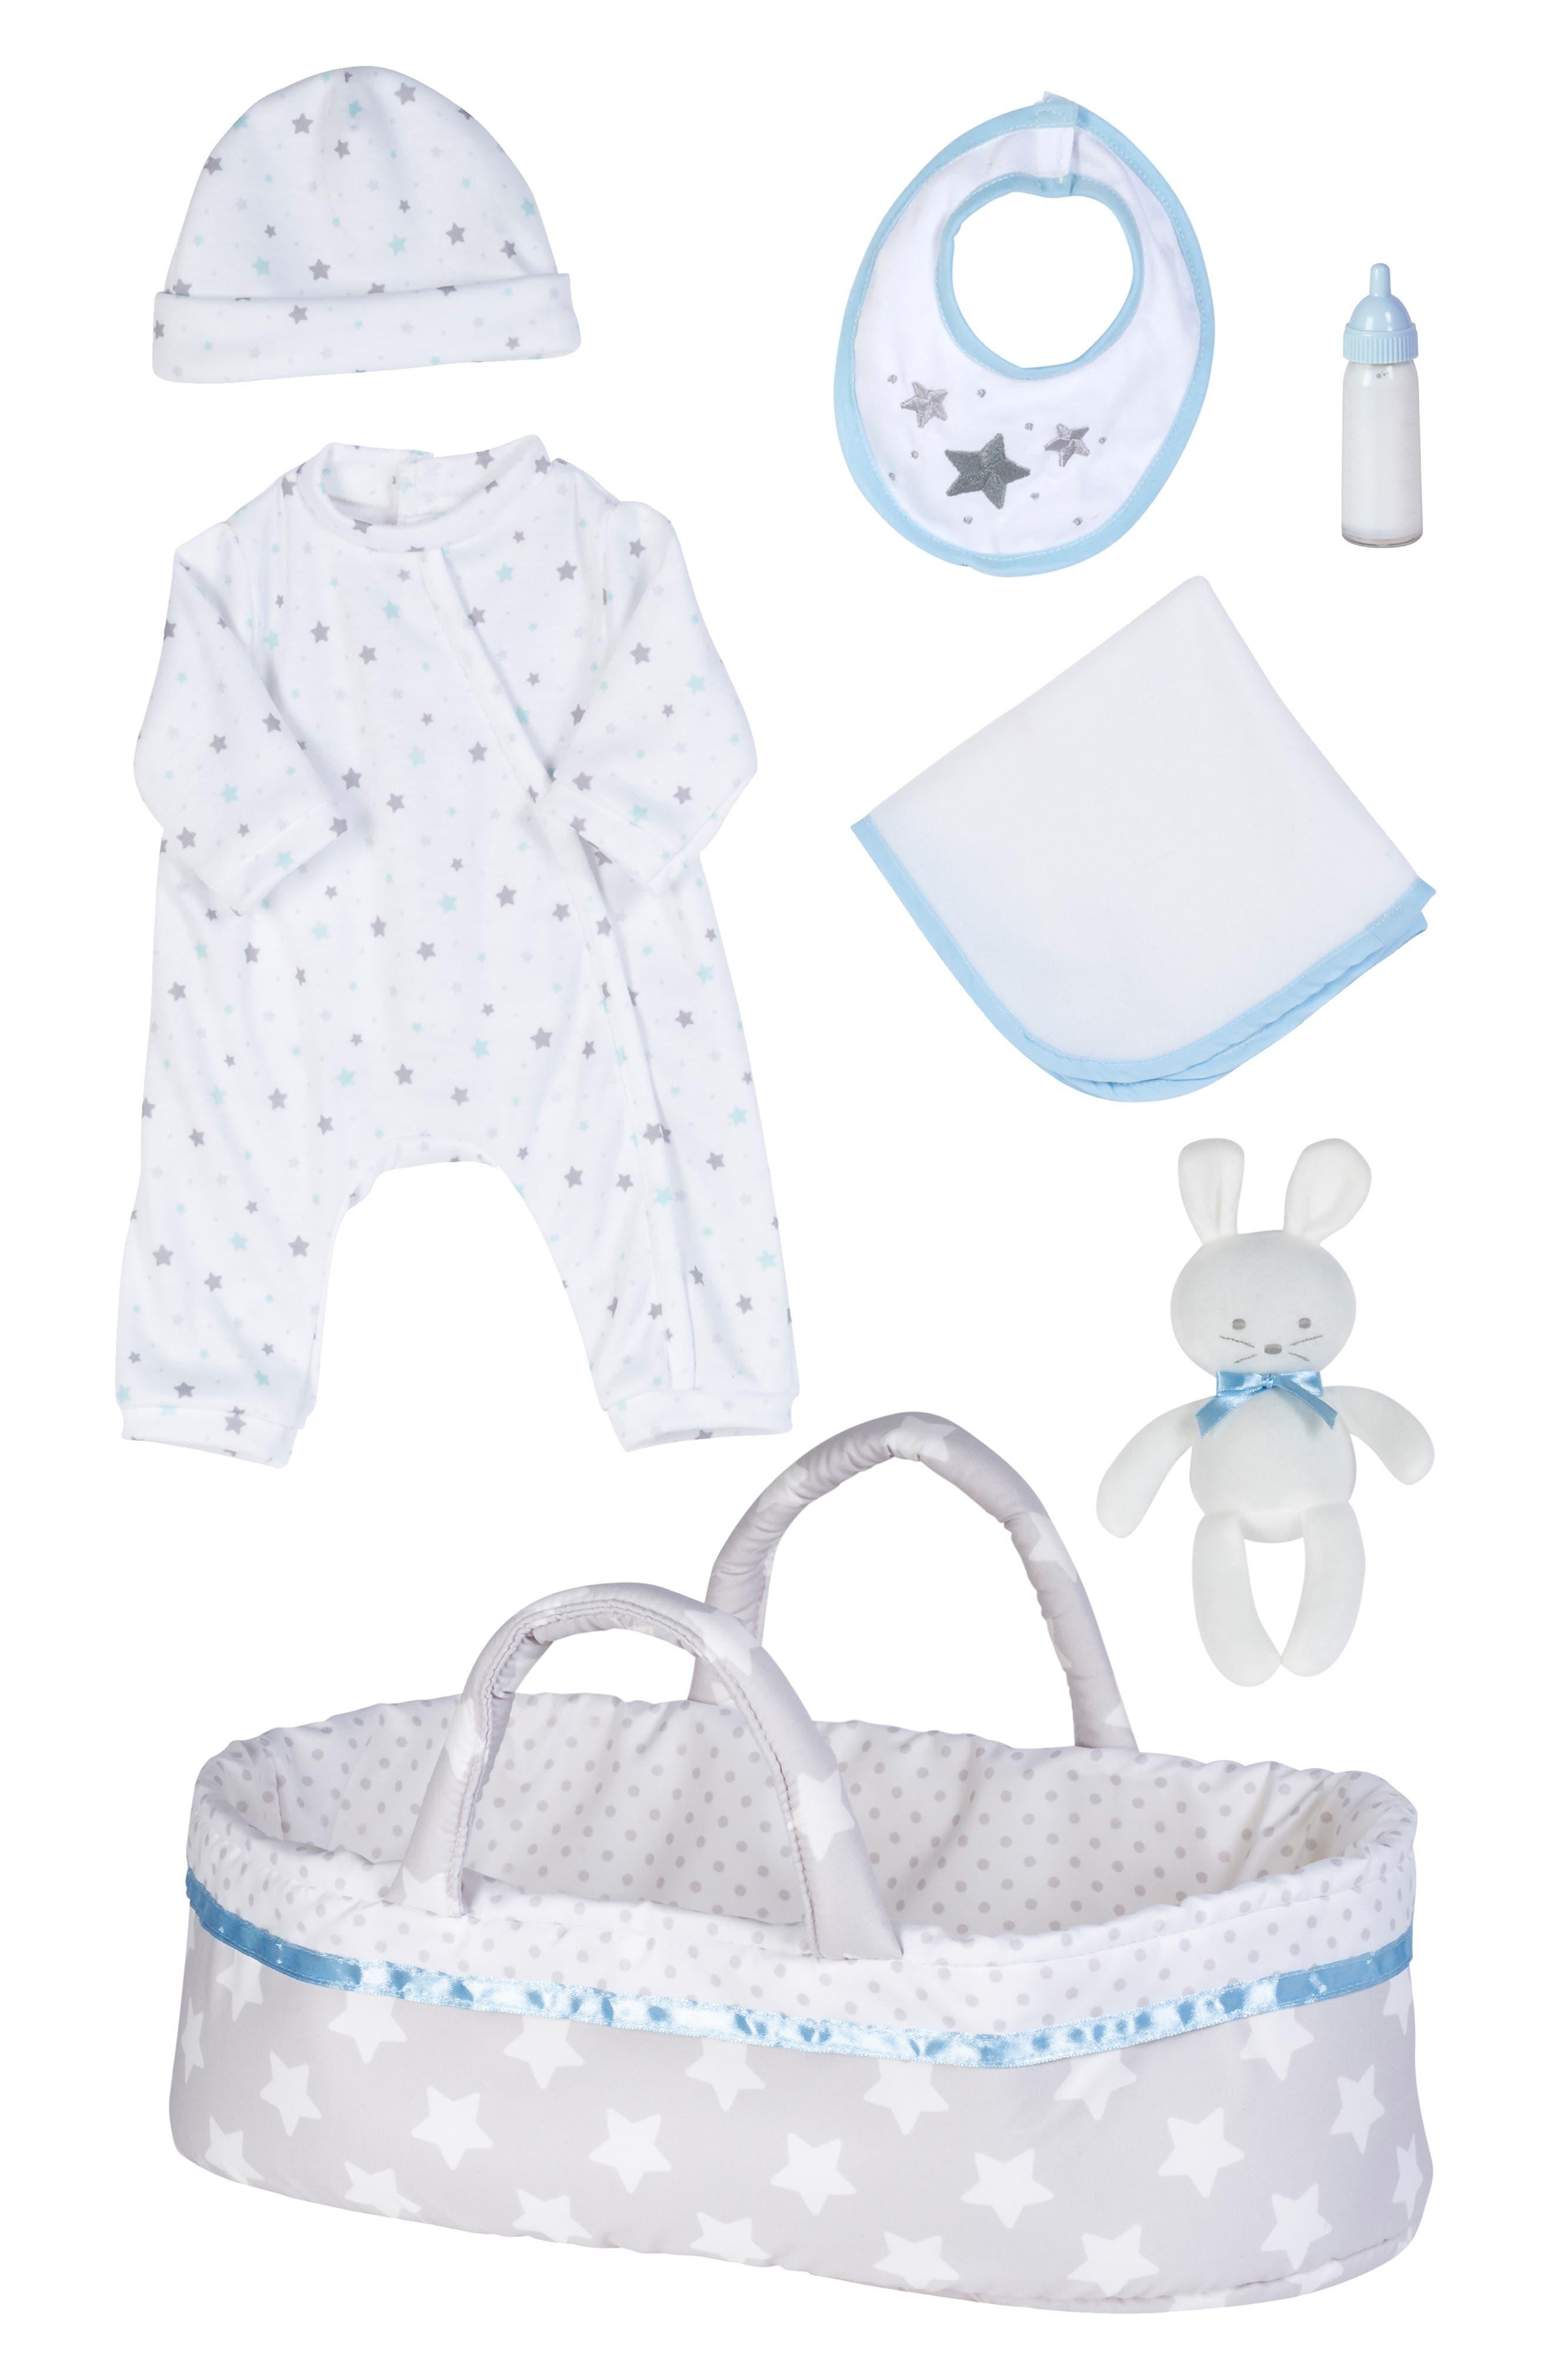 Girls Adora Adoption 8Piece Take Me Home Baby Doll Essentials Set